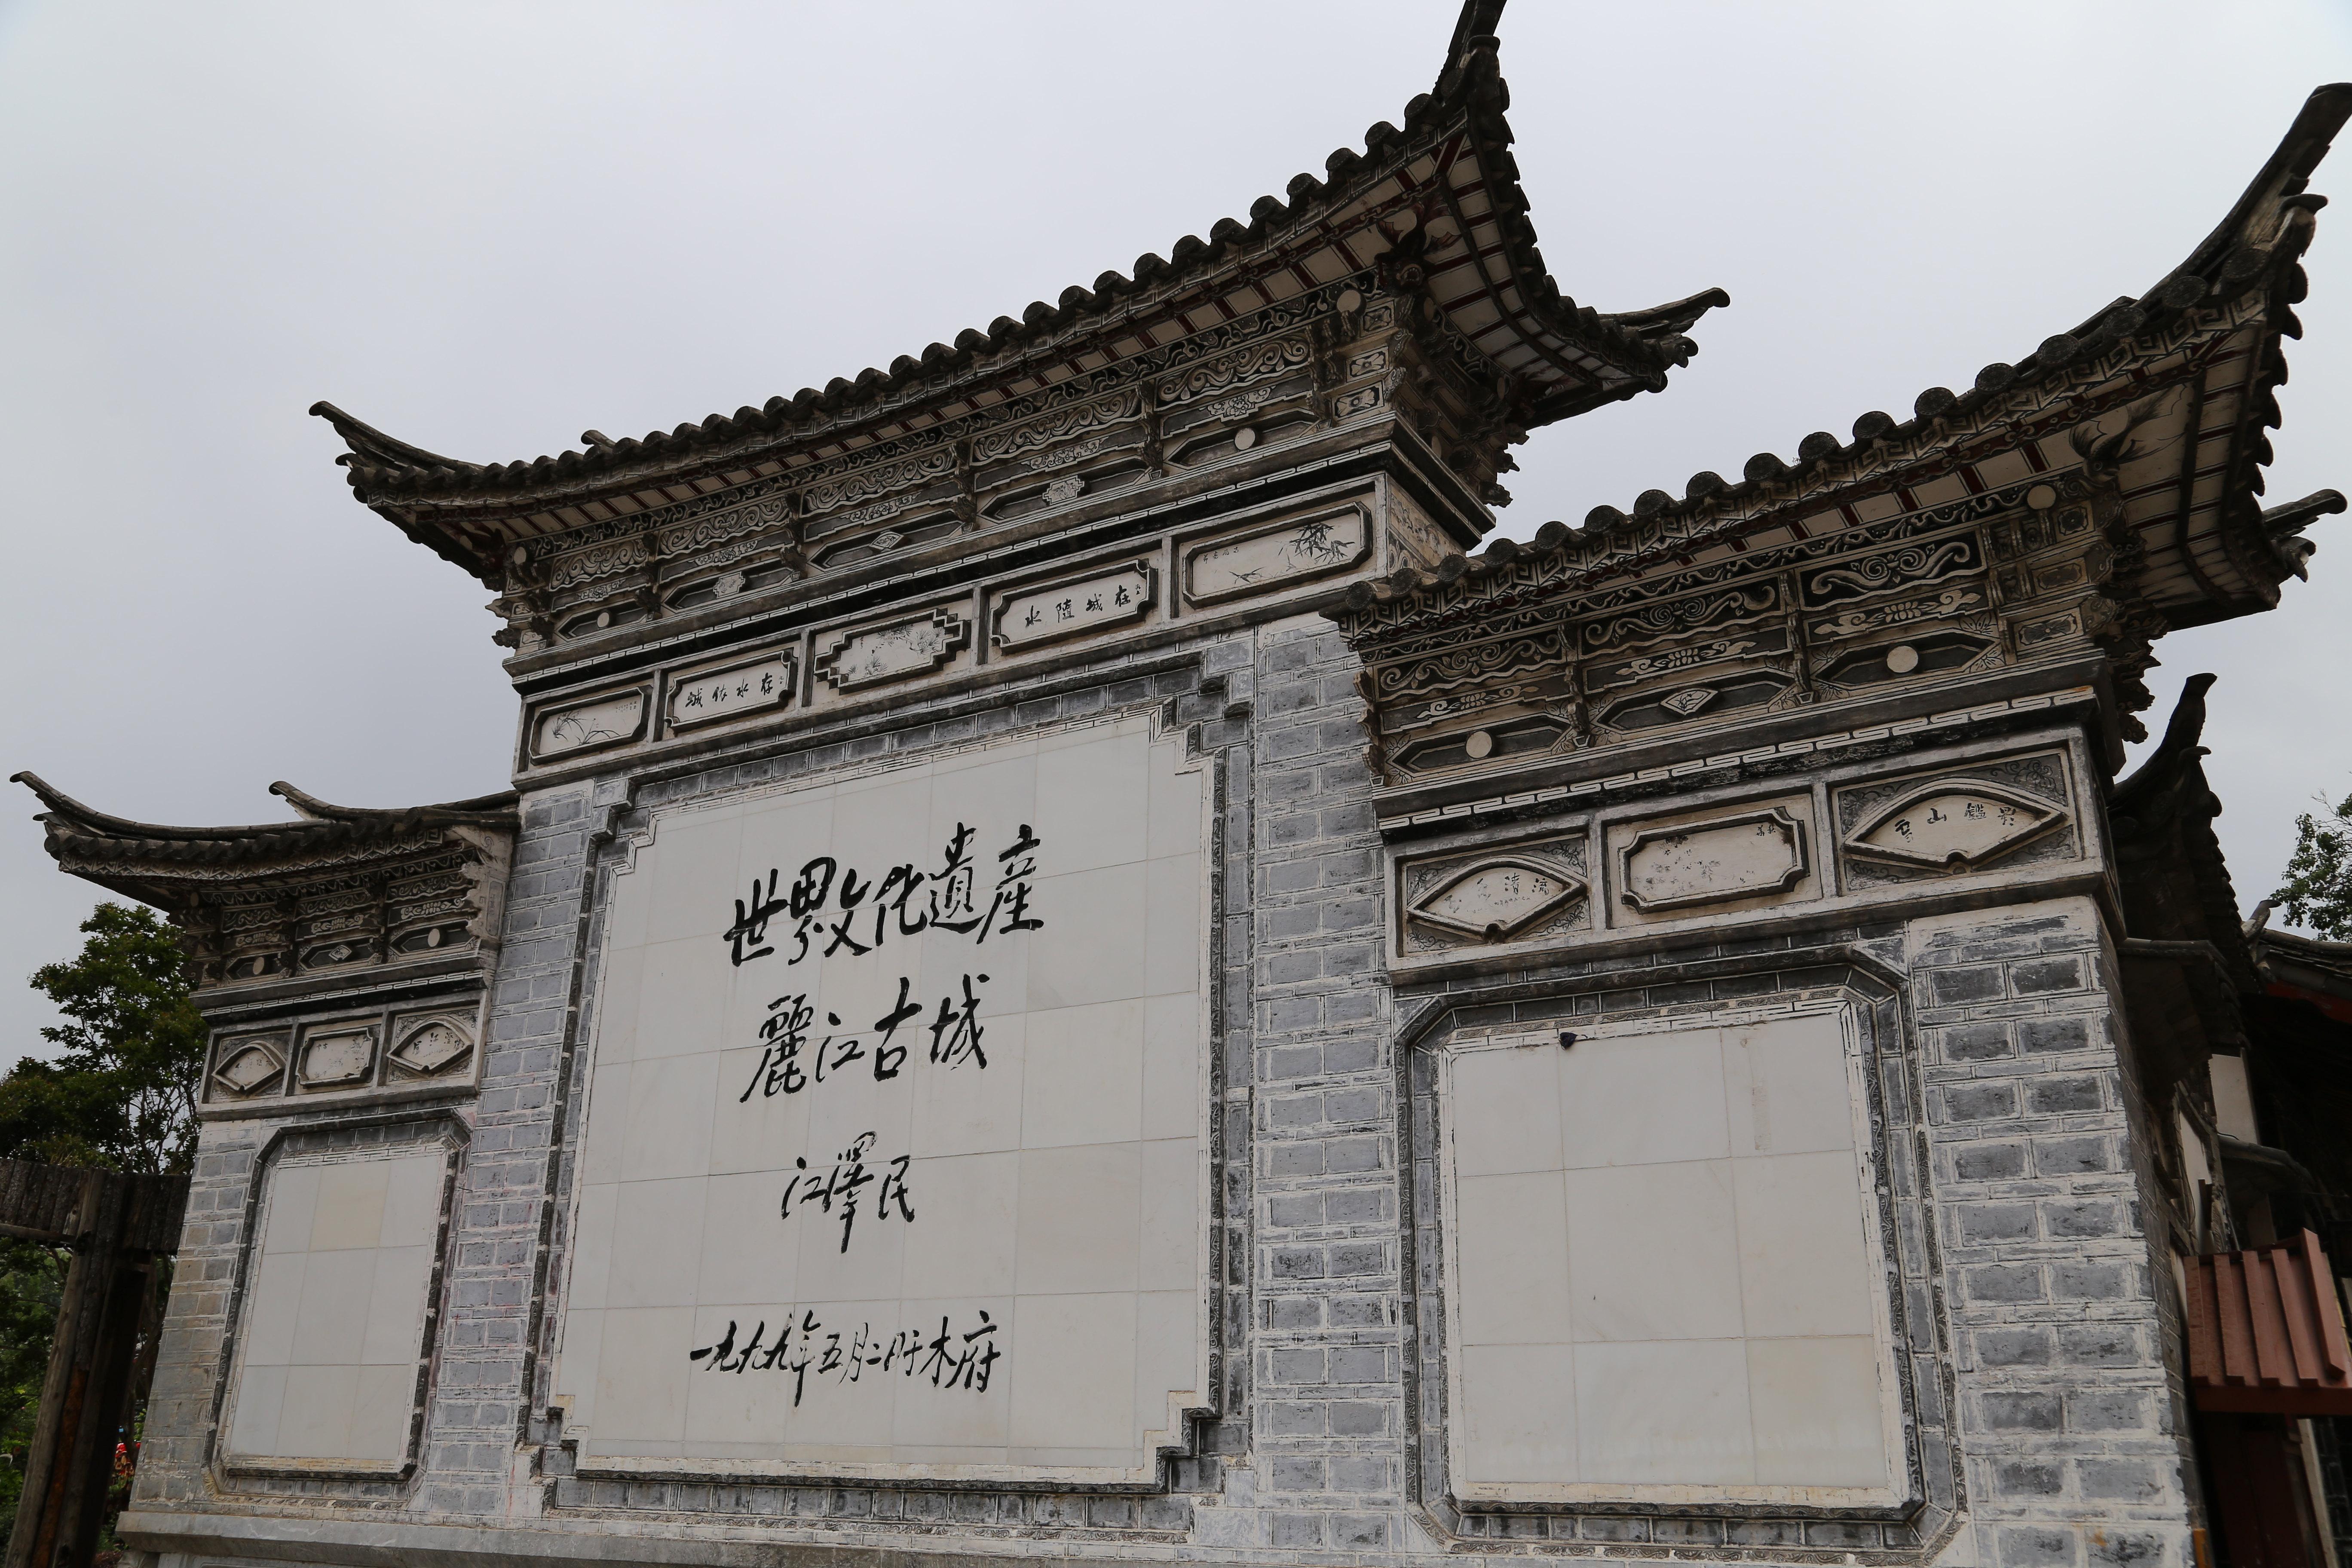 丽江情歌葫芦丝曲谱